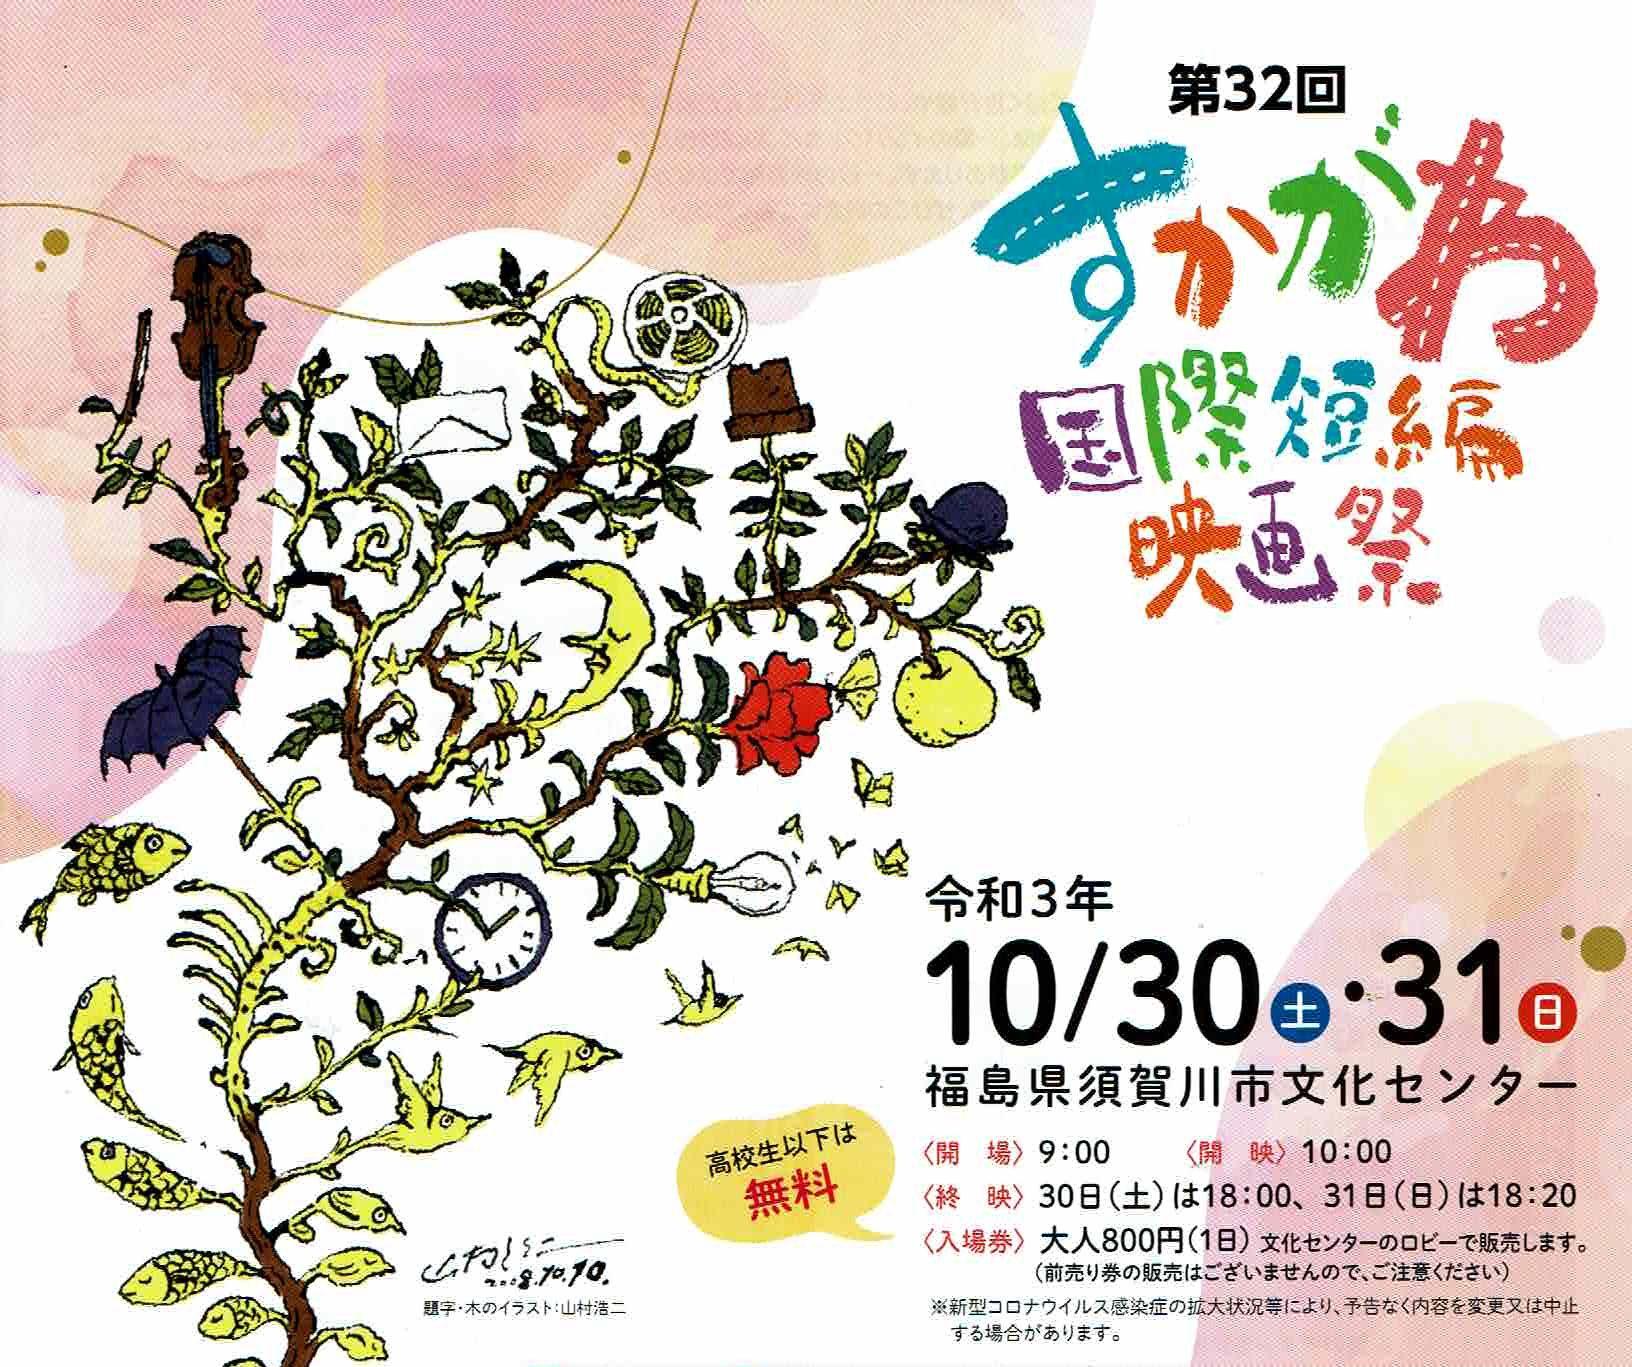 第32回 すかがわ国際短編映画祭◆10月30日(土)・31日(日)